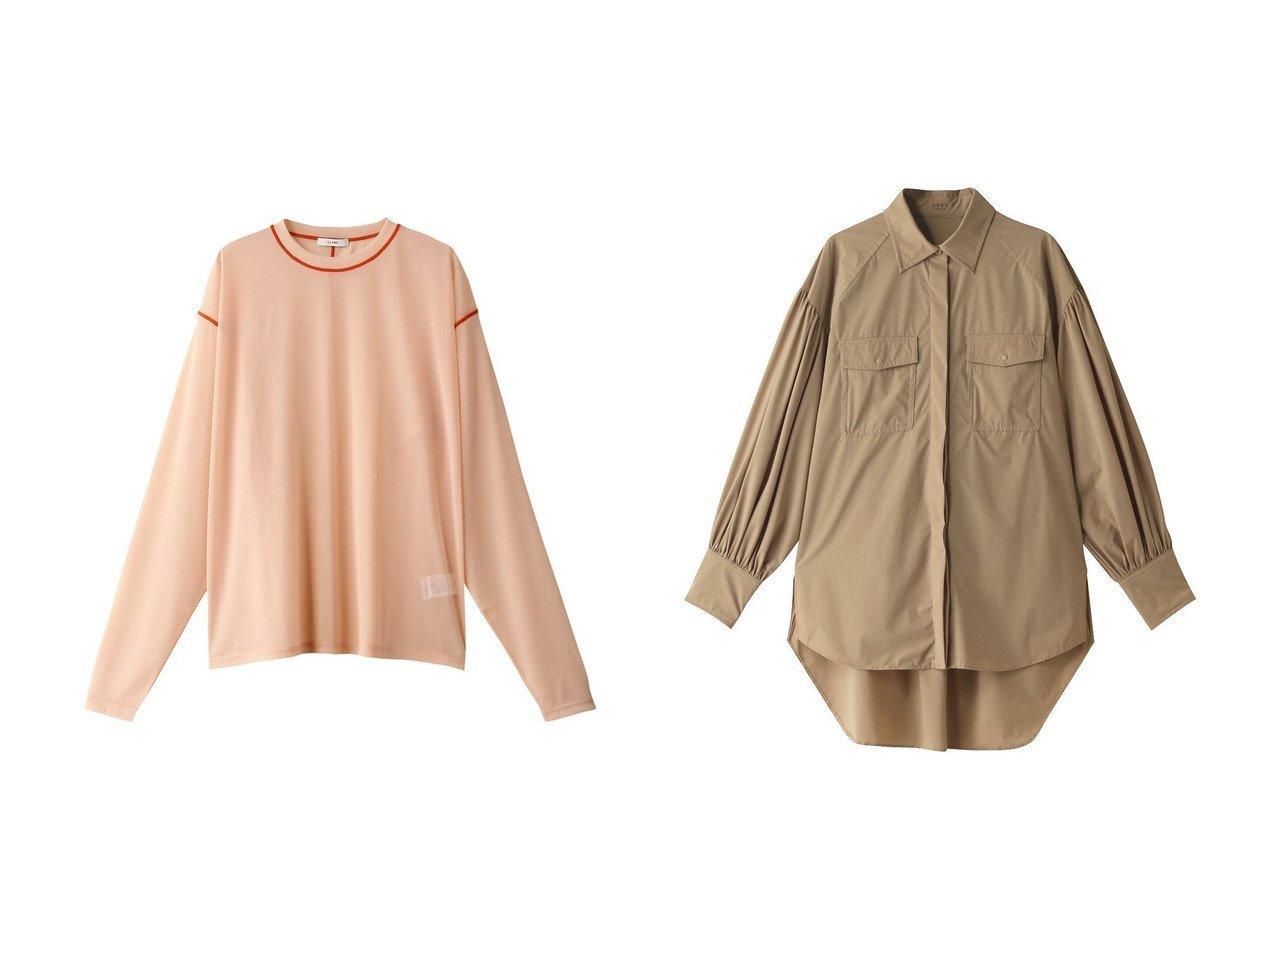 【Speedo/スピード】の【ELLE SHOP × SPEEDO × ETRE TOKYO Collaboration】オーバーサイズシャツ&【CLANE/クラネ】のS ロングスリーブシャツ 【トップス・カットソー】おすすめ!人気、トレンド・レディースファッションの通販 おすすめで人気の流行・トレンド、ファッションの通販商品 メンズファッション・キッズファッション・インテリア・家具・レディースファッション・服の通販 founy(ファニー) https://founy.com/ ファッション Fashion レディースファッション WOMEN トップス・カットソー Tops/Tshirt シャツ/ブラウス Shirts/Blouses ロング / Tシャツ T-Shirts カットソー Cut and Sewn スポーツウェア Sportswear スポーツ トップス Tops スリーブ センター ロング スポーツ 長袖  ID:crp329100000038718